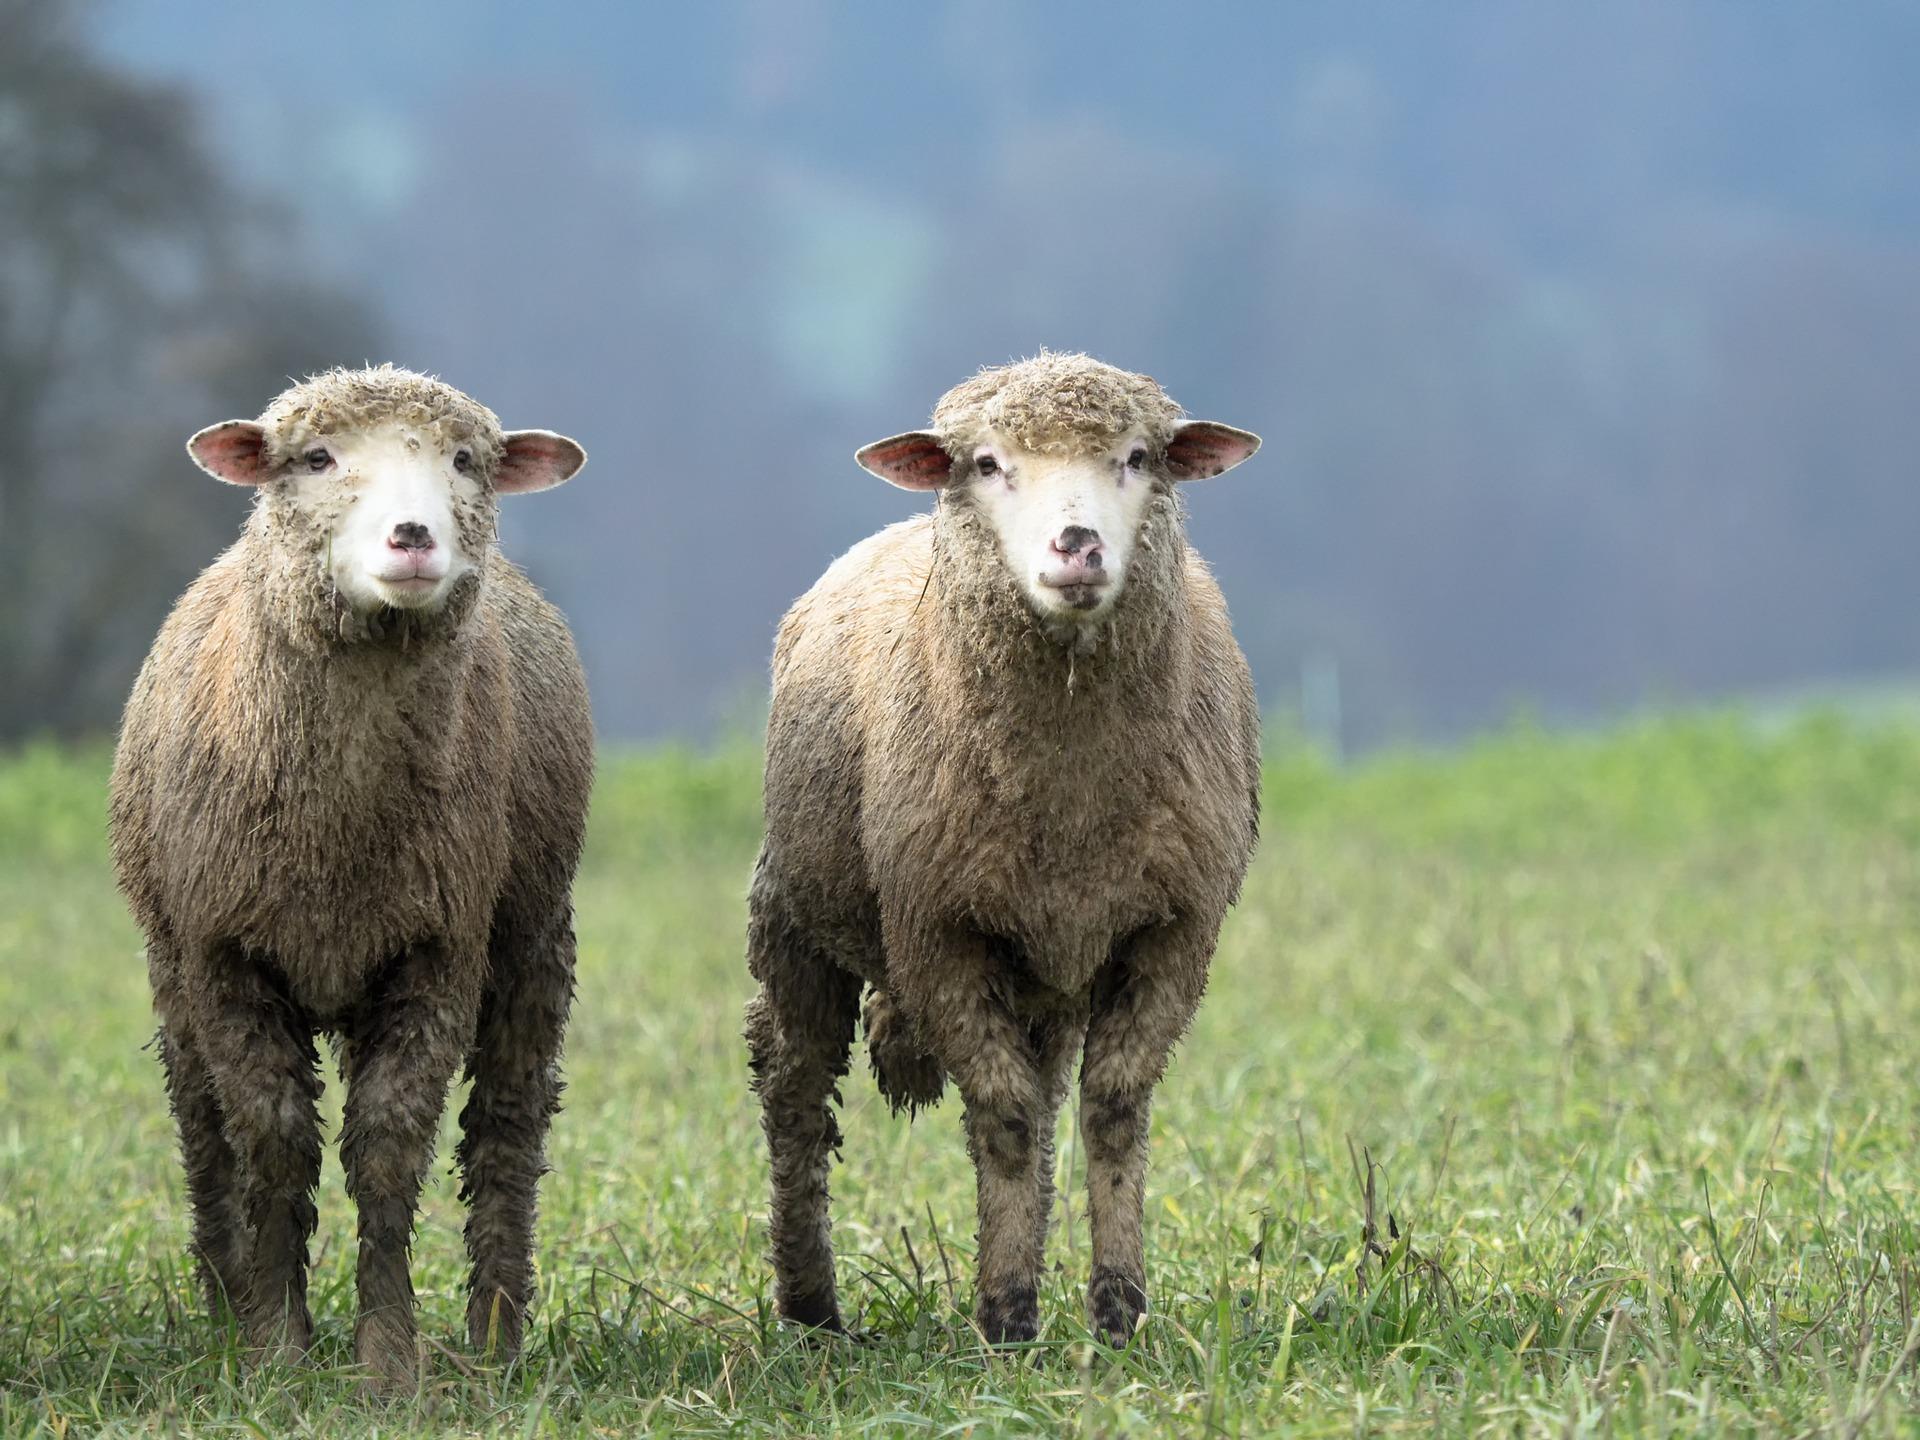 sheep-2784671_1920.jpg